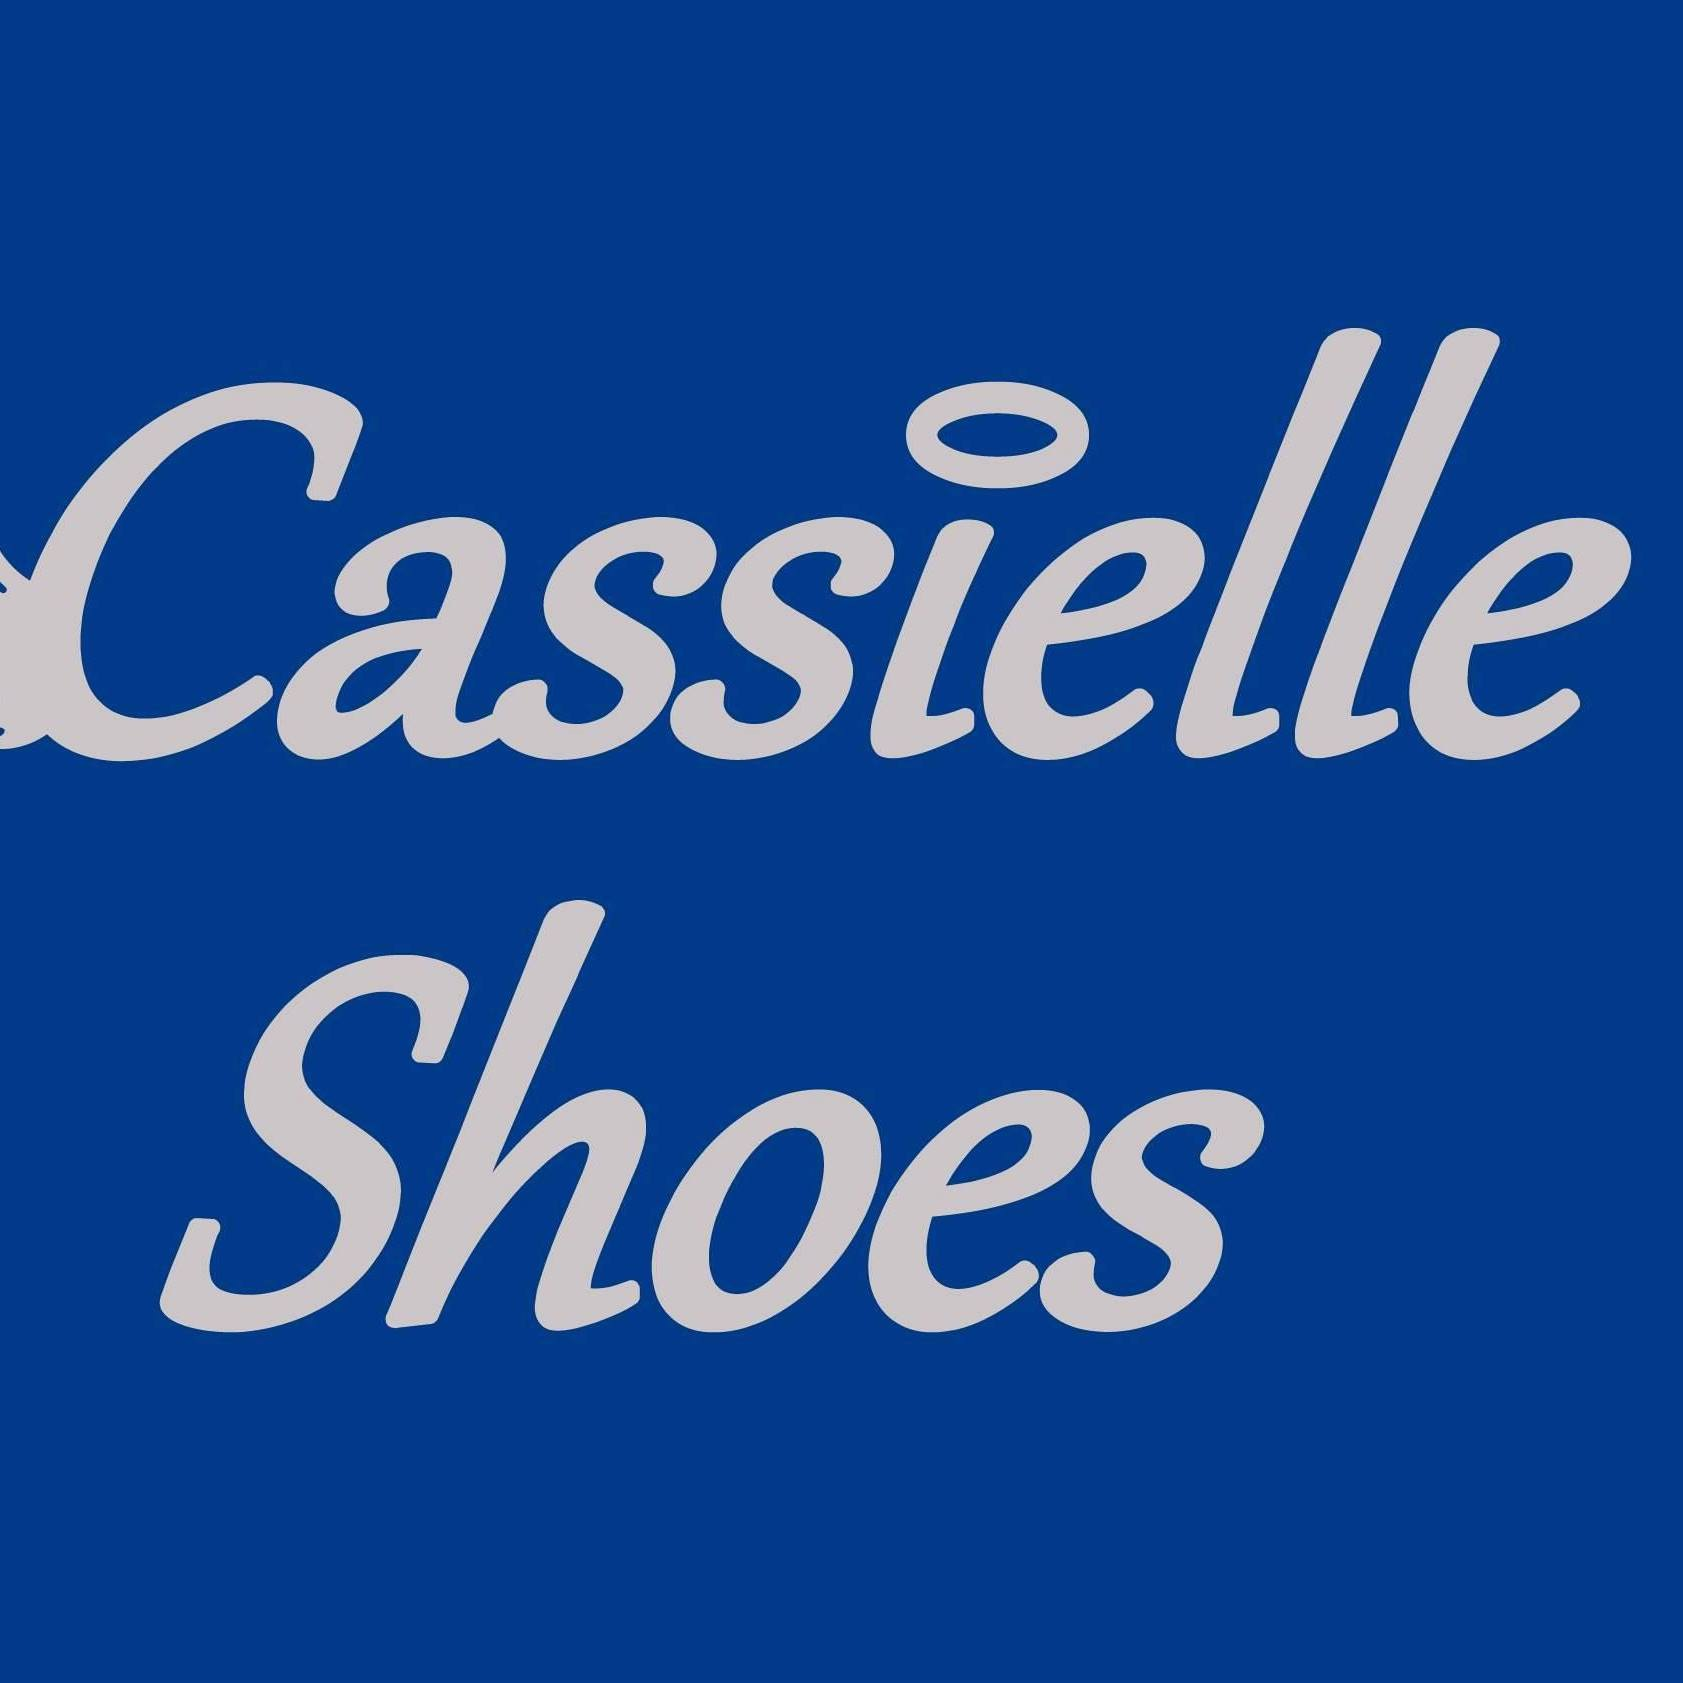 Cassielle Shoes